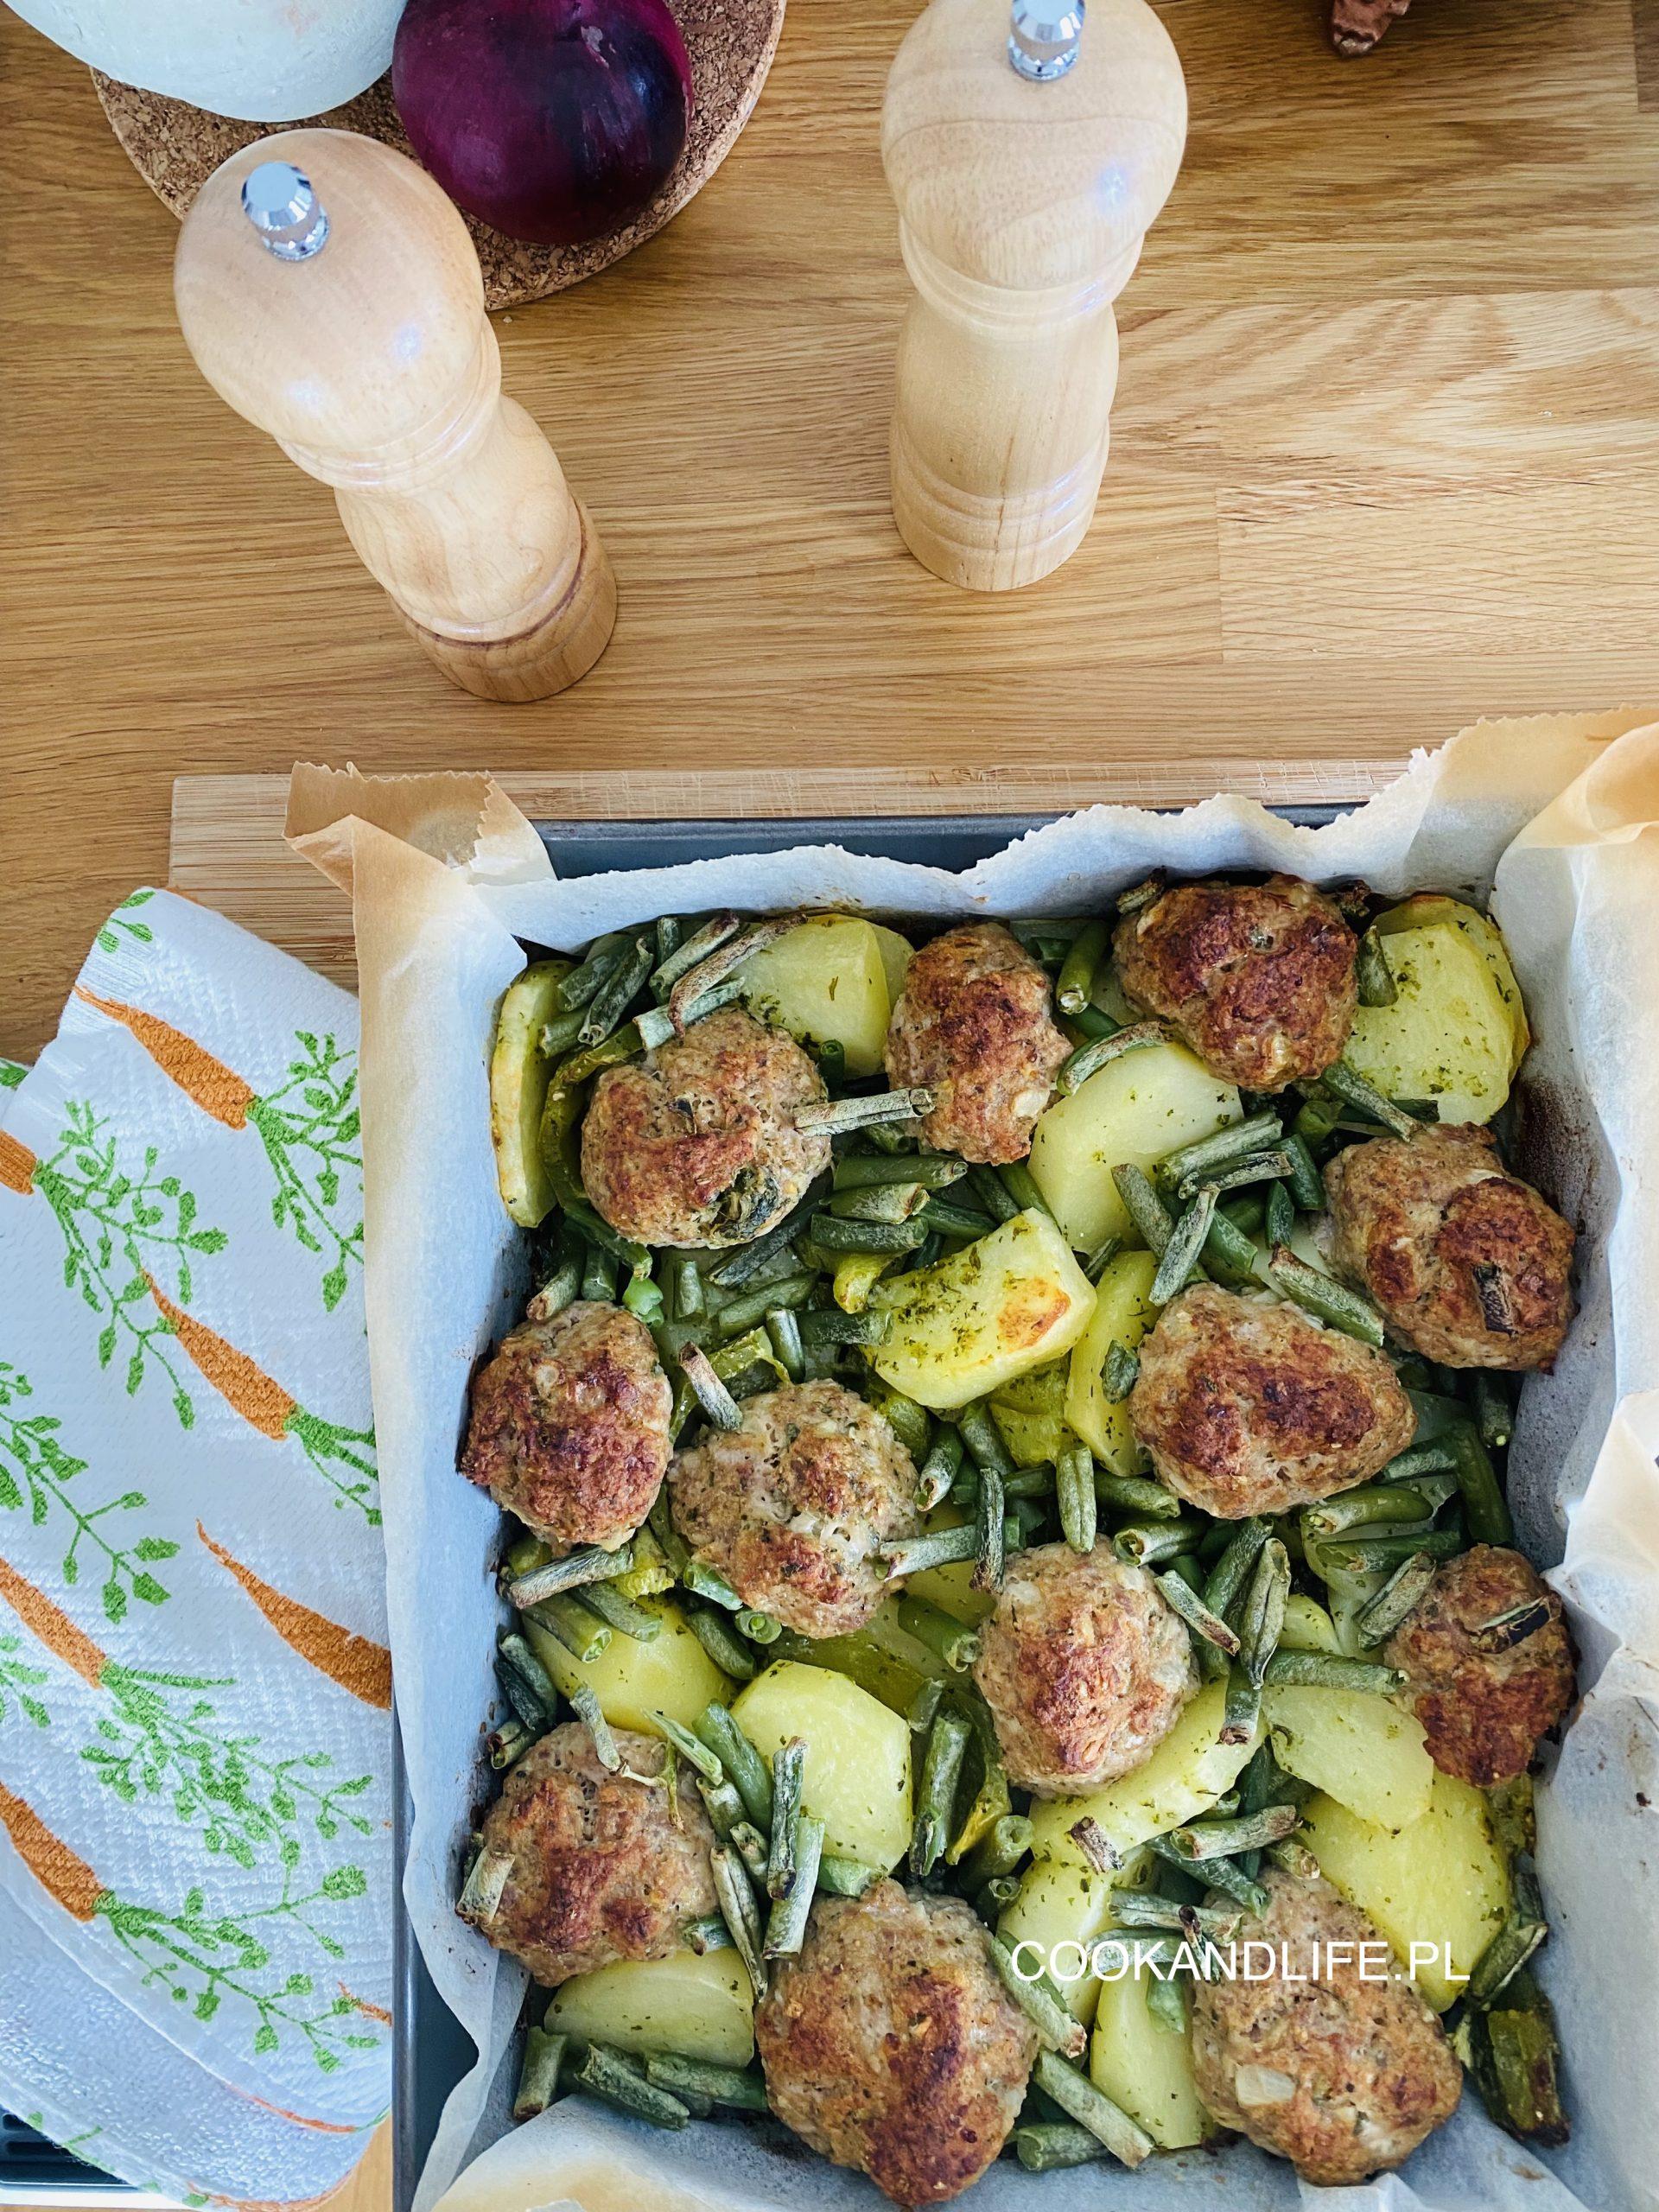 Pulpety pieczone z warzywami, czyli obiad jednogarnkowy